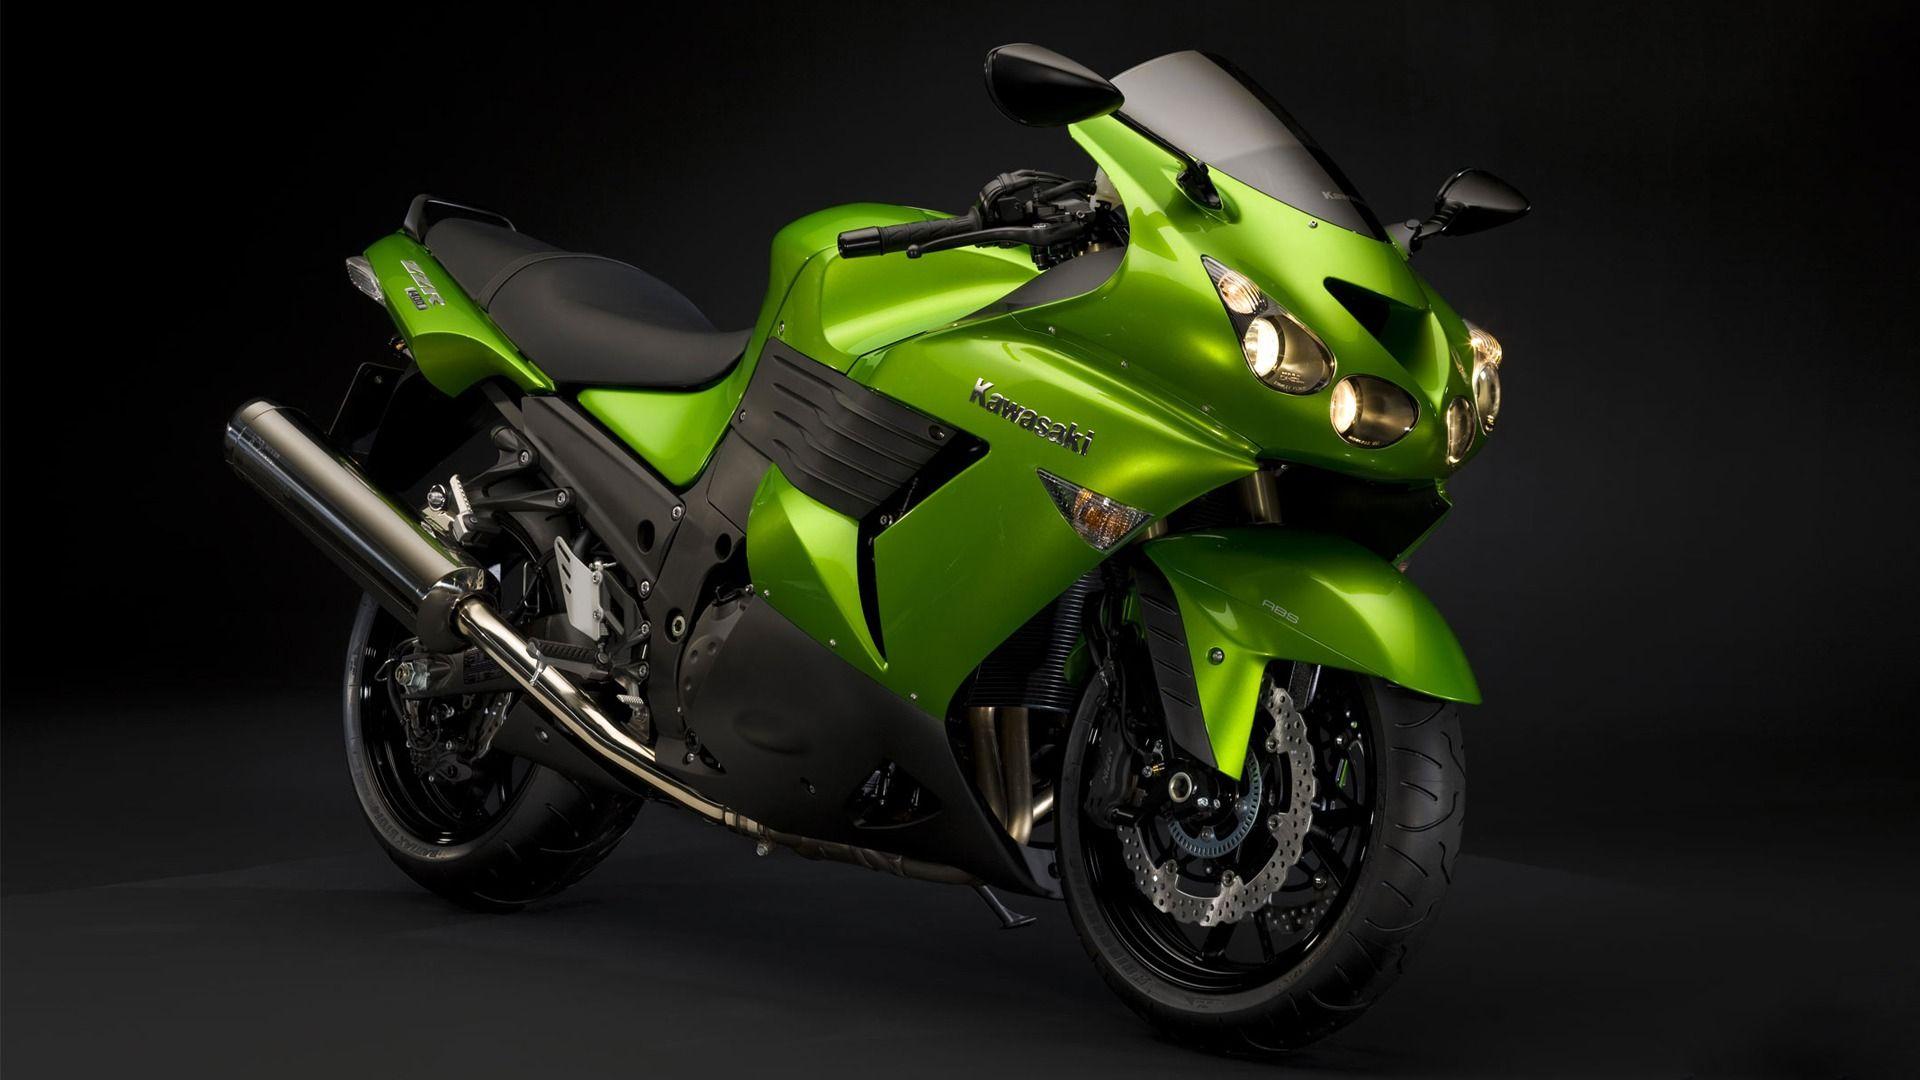 станет картинки для телефона мотоциклы товаров ежедневно пополняется